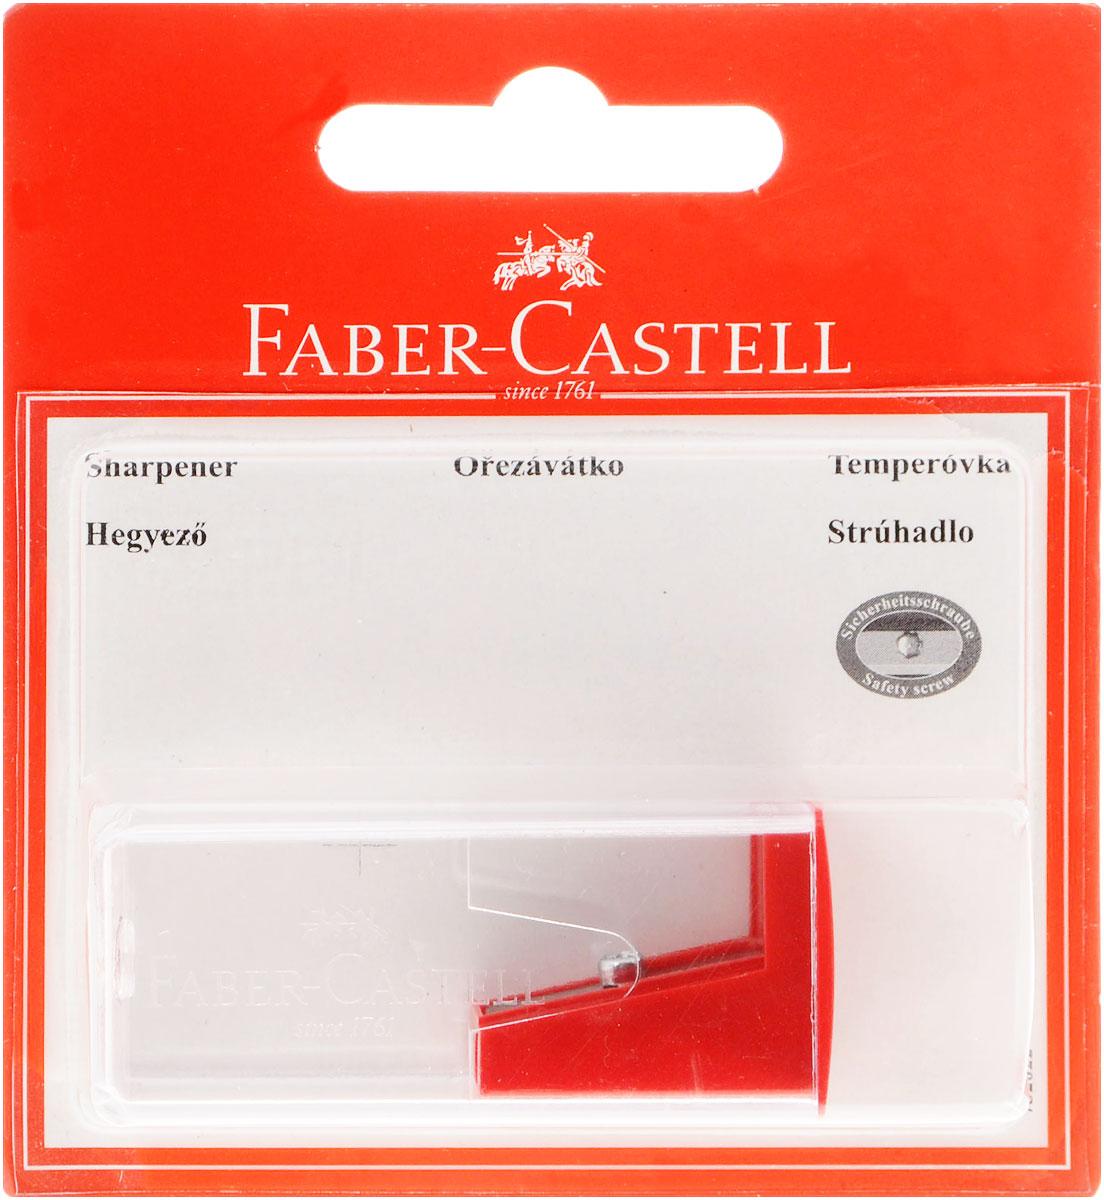 Точилка Faber-Castell предназначена для затачивания карандашей диаметром 8 мм. Прозрачный контейнер позволяет определить уровень заполнения и вовремя произвести очистку. Острые стальные лезвия обеспечивают высококачественную и точную заточку деревянных карандашей.